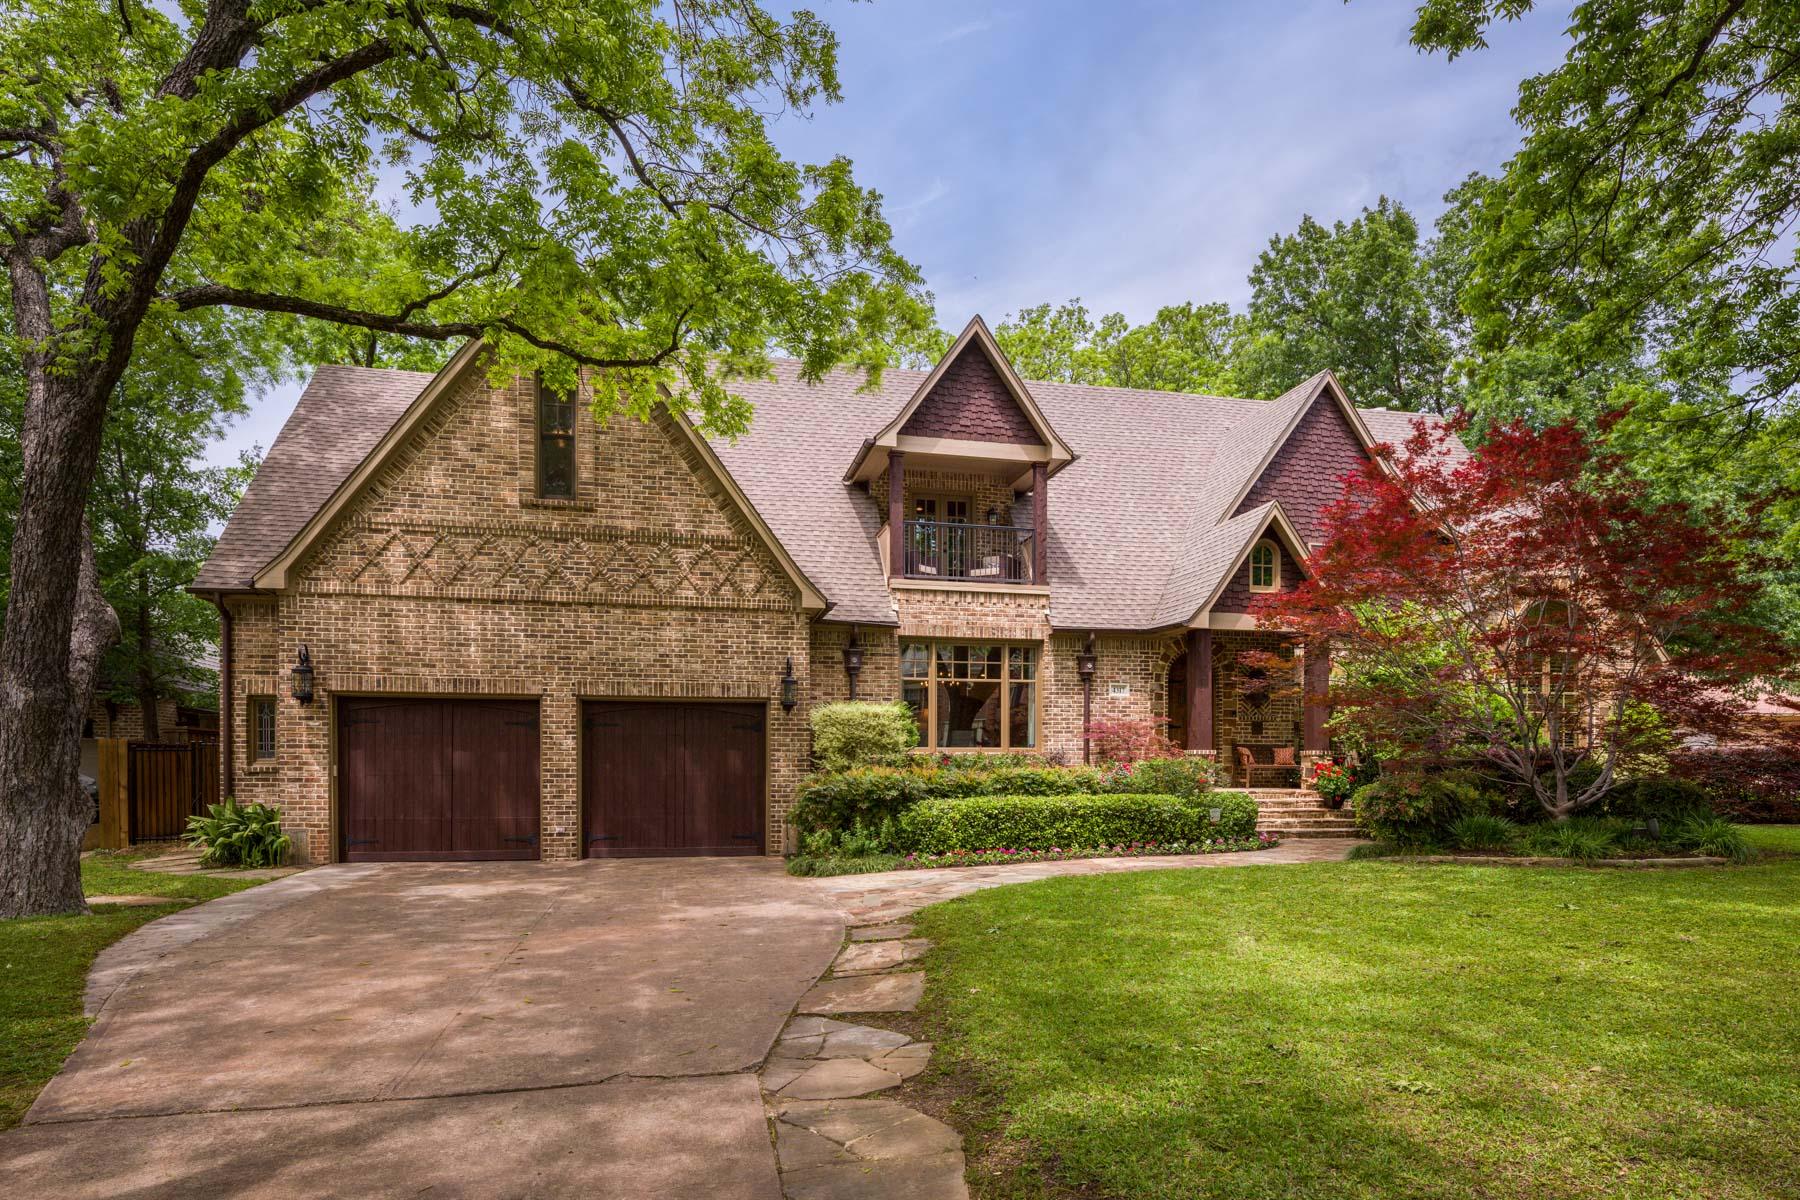 一戸建て のために 売買 アット Beautiful Home in Idyllic Preston Hollow Setting 4317 Manning Ln Dallas, テキサス, 75220 アメリカ合衆国